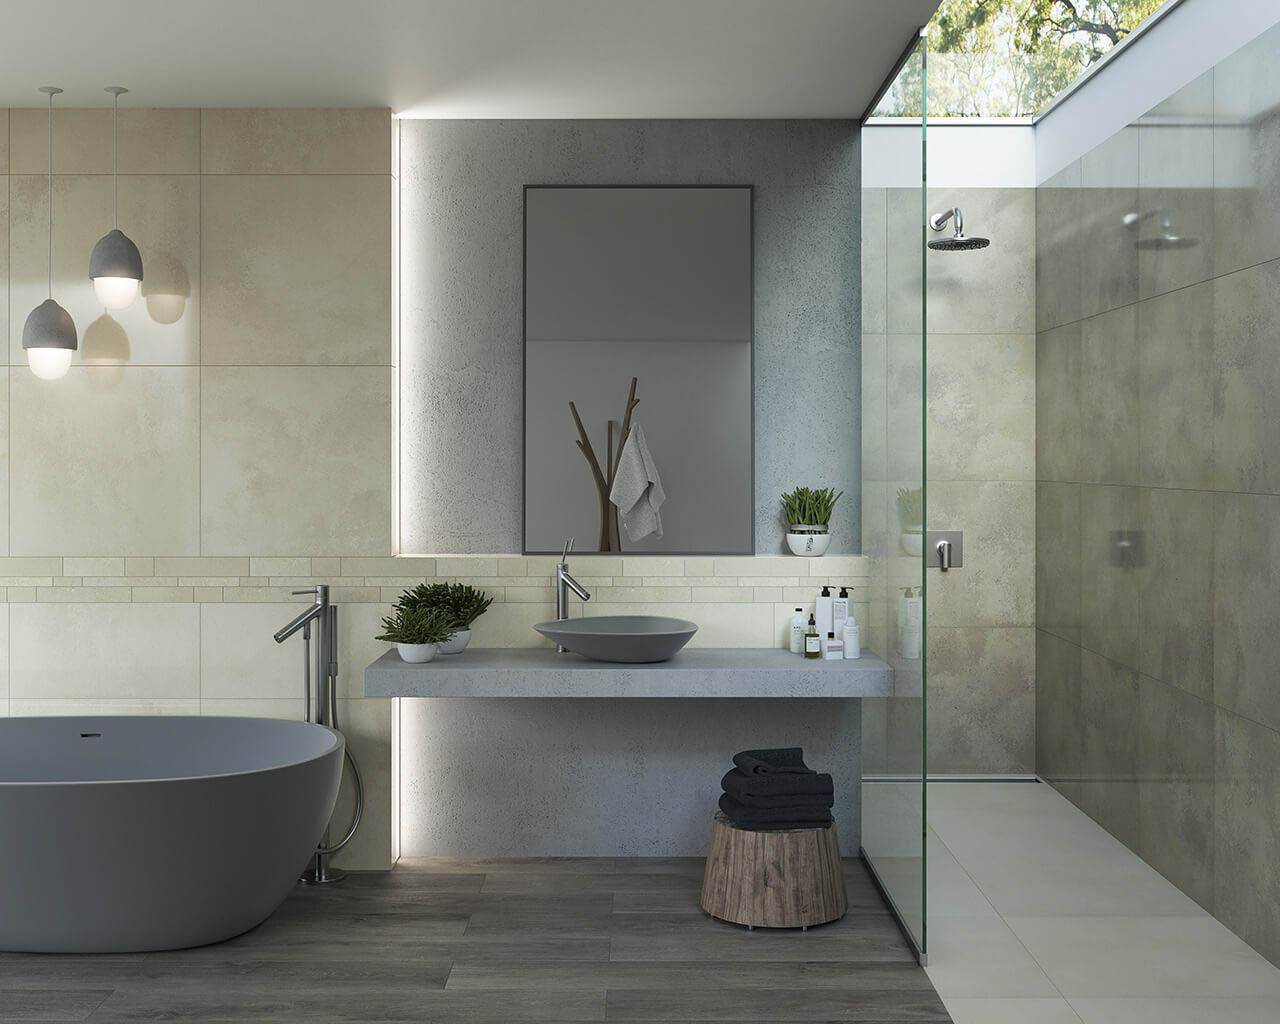 Jasna, minimalistyczna, kamienna łazienka ze świetlikiem w suficie